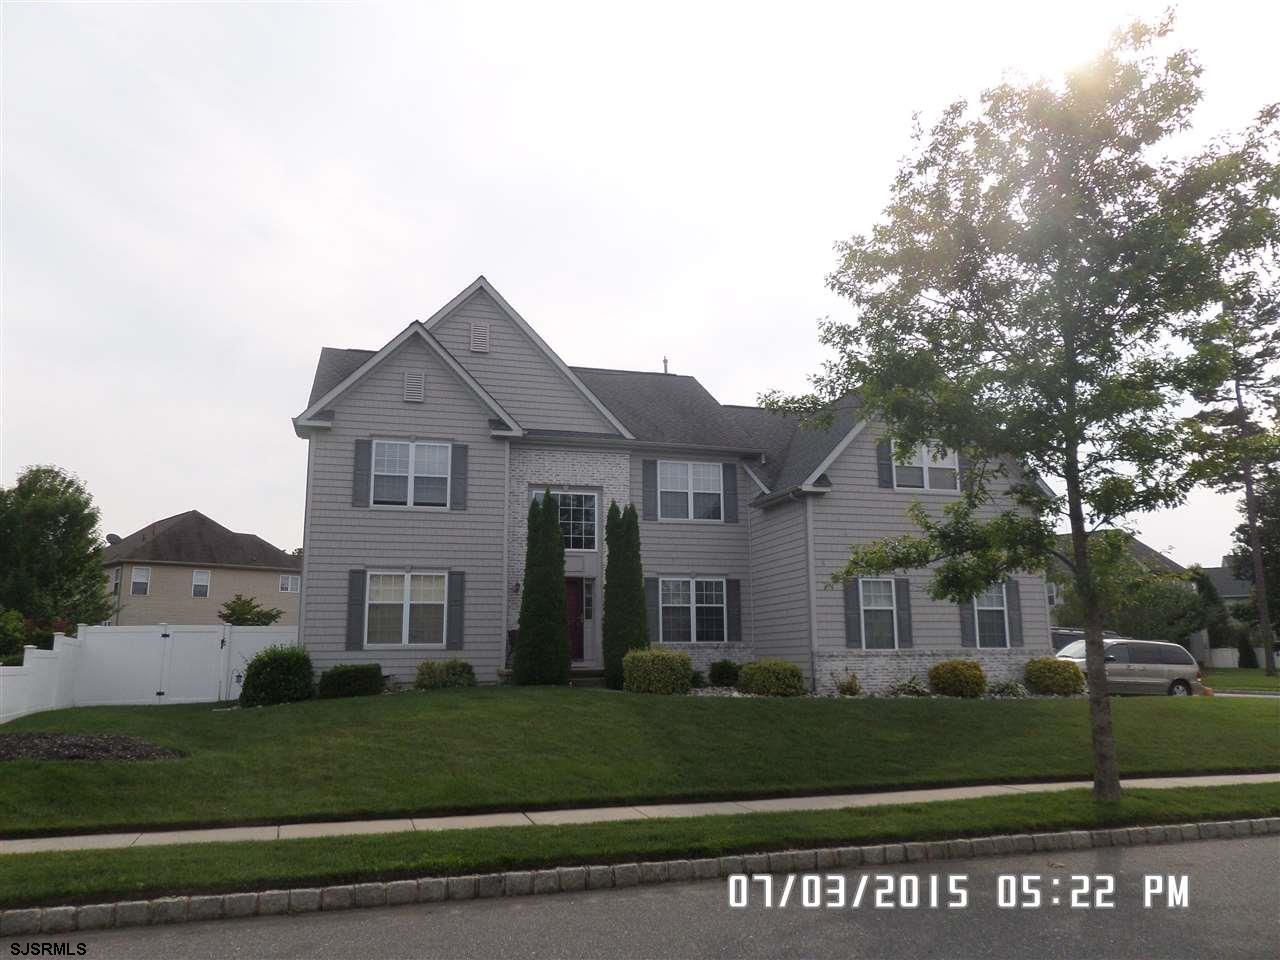 417 Glenn Ave, Egg Harbor Township, NJ 08234